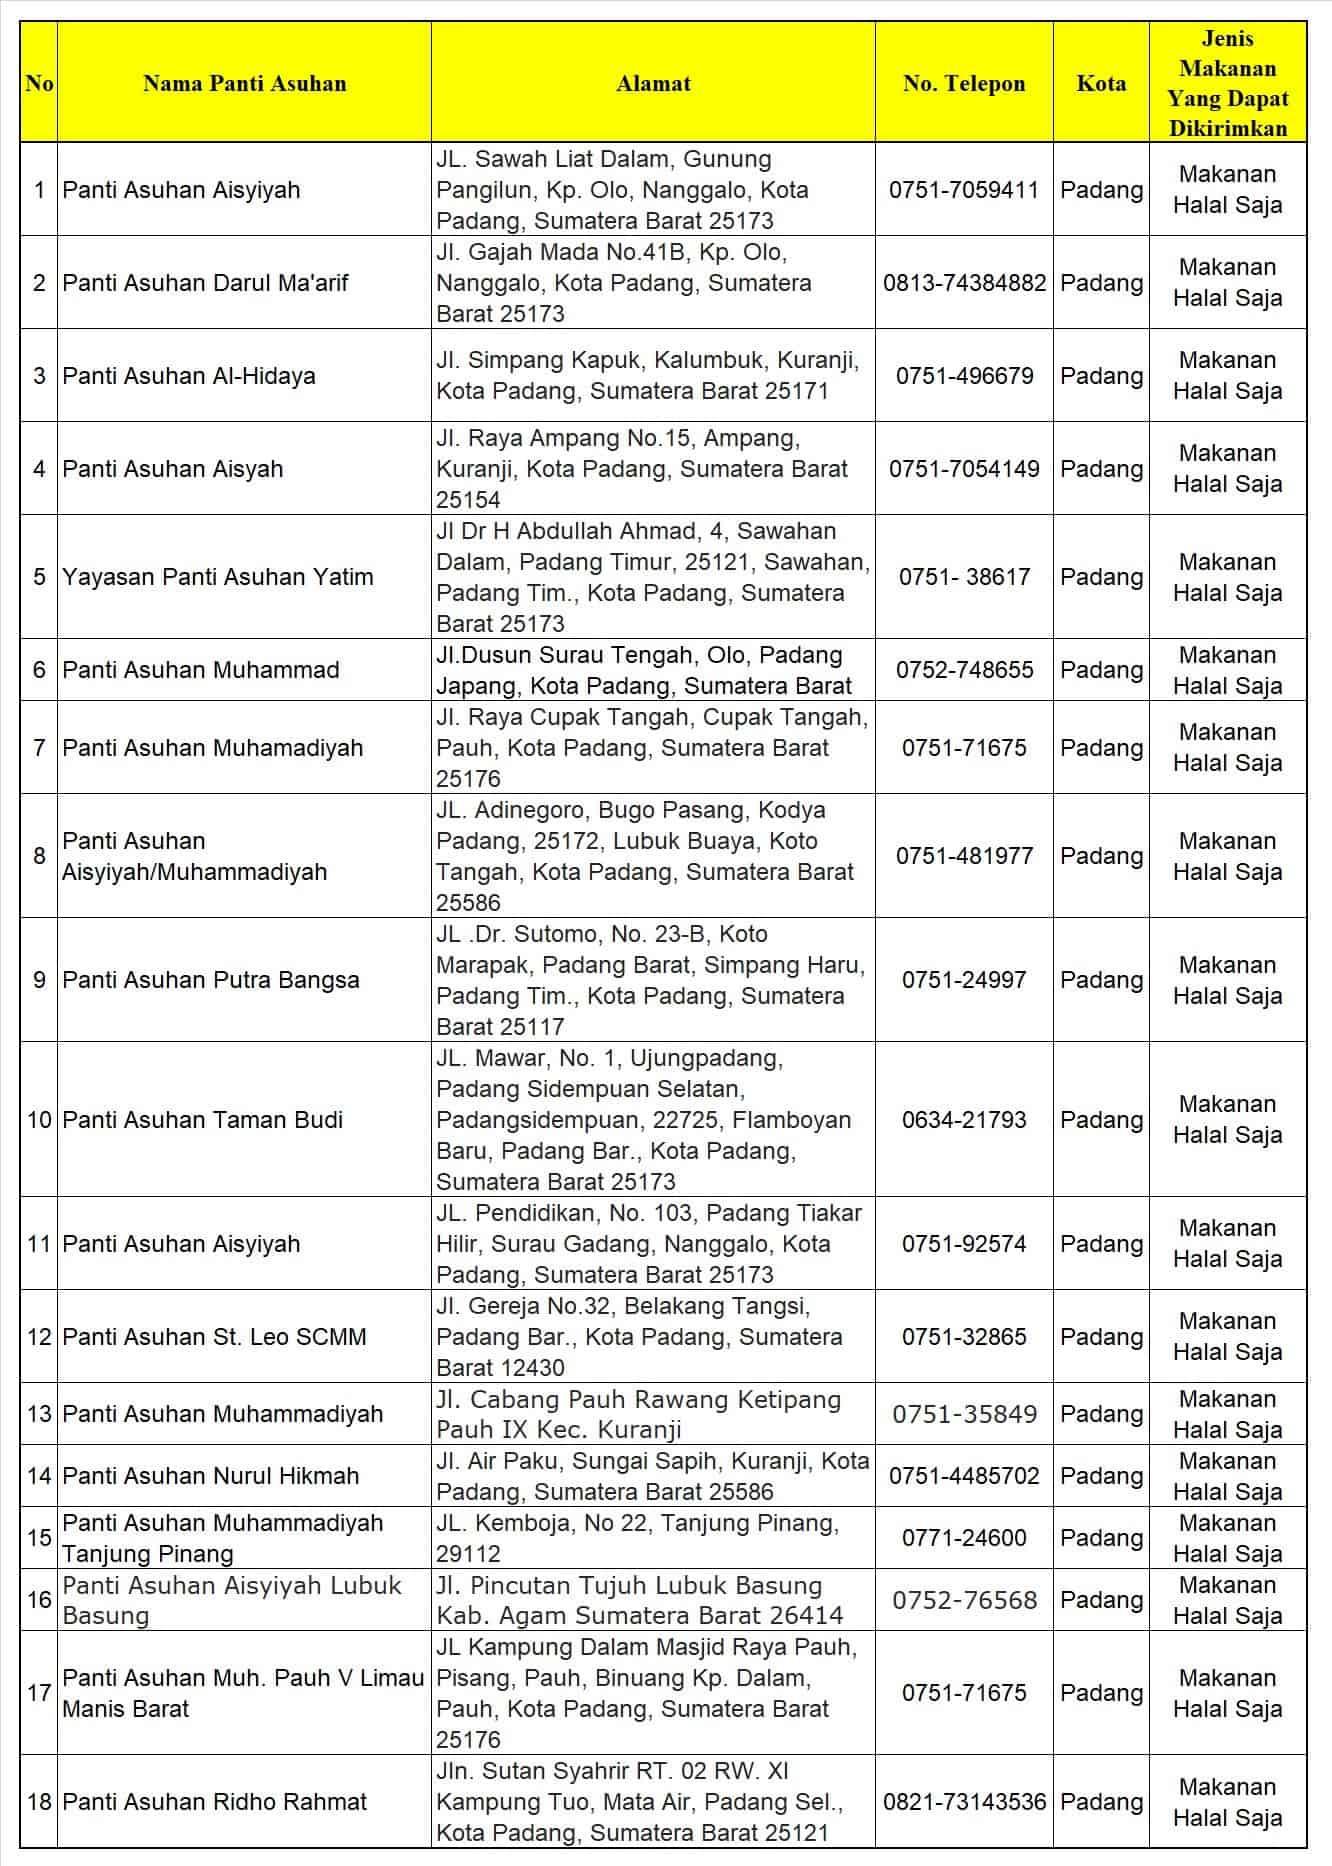 Daftar Panti Asuhan Di Padang Grab Id